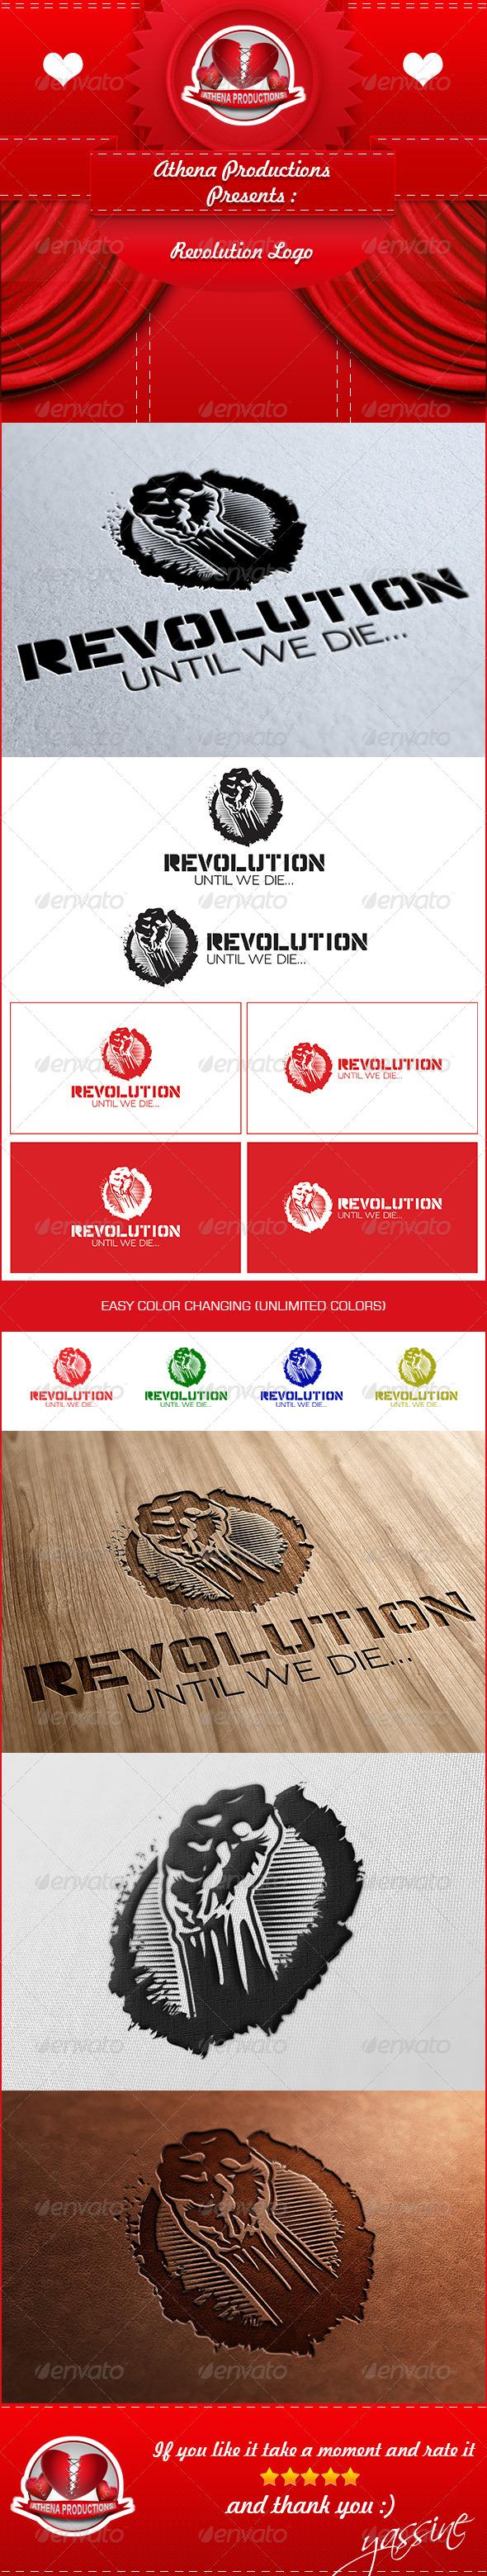 GraphicRiver Revolution Logo 5319248